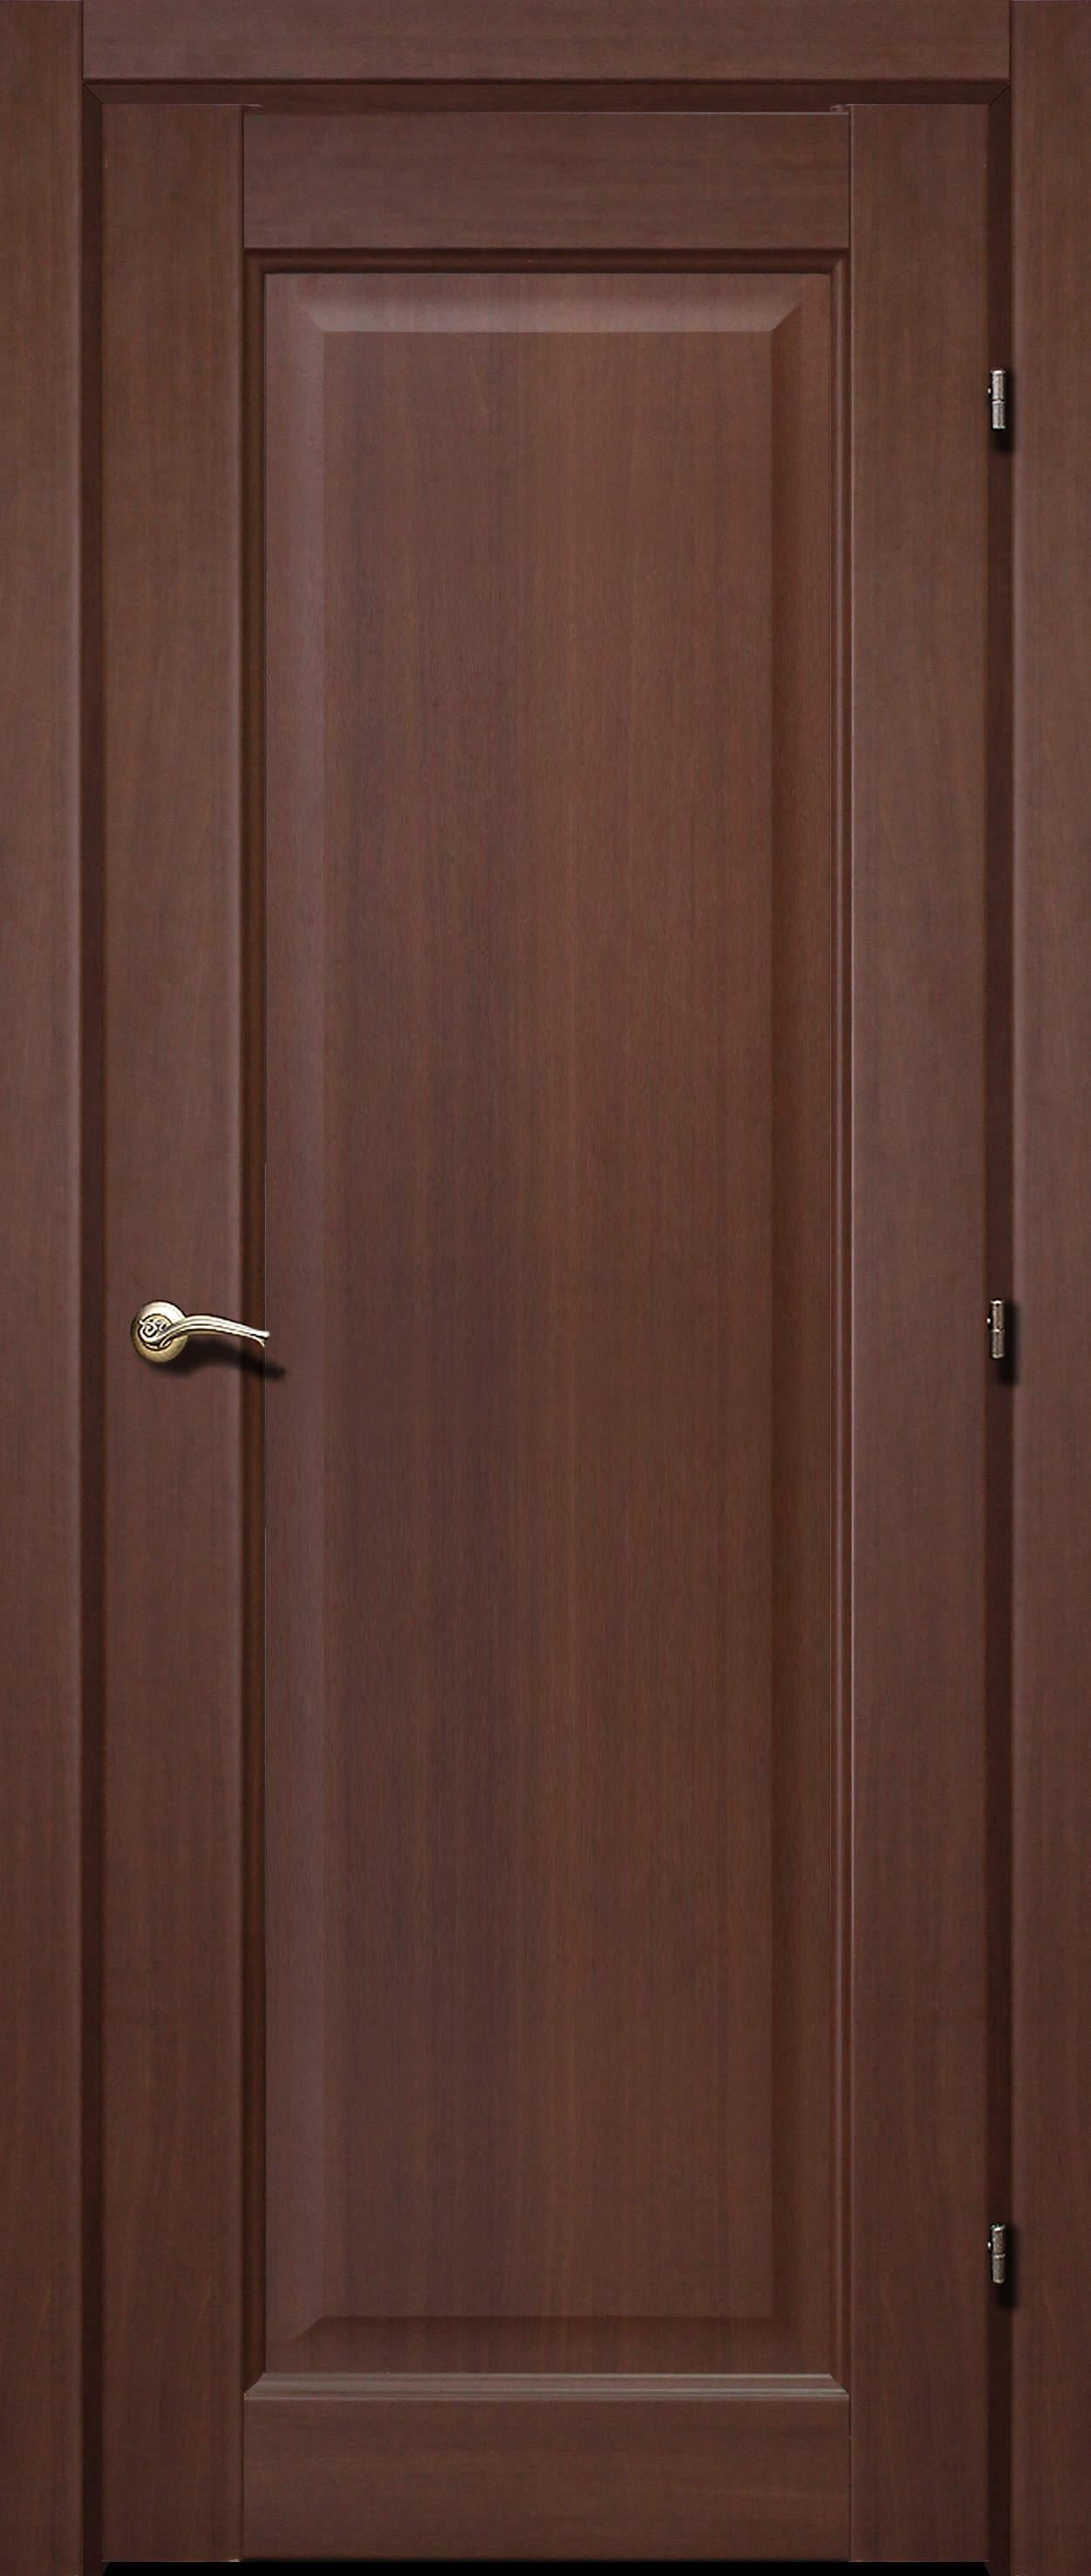 Входные двери из дуба купить, выгодные цены - ЕвроОкнаVIP